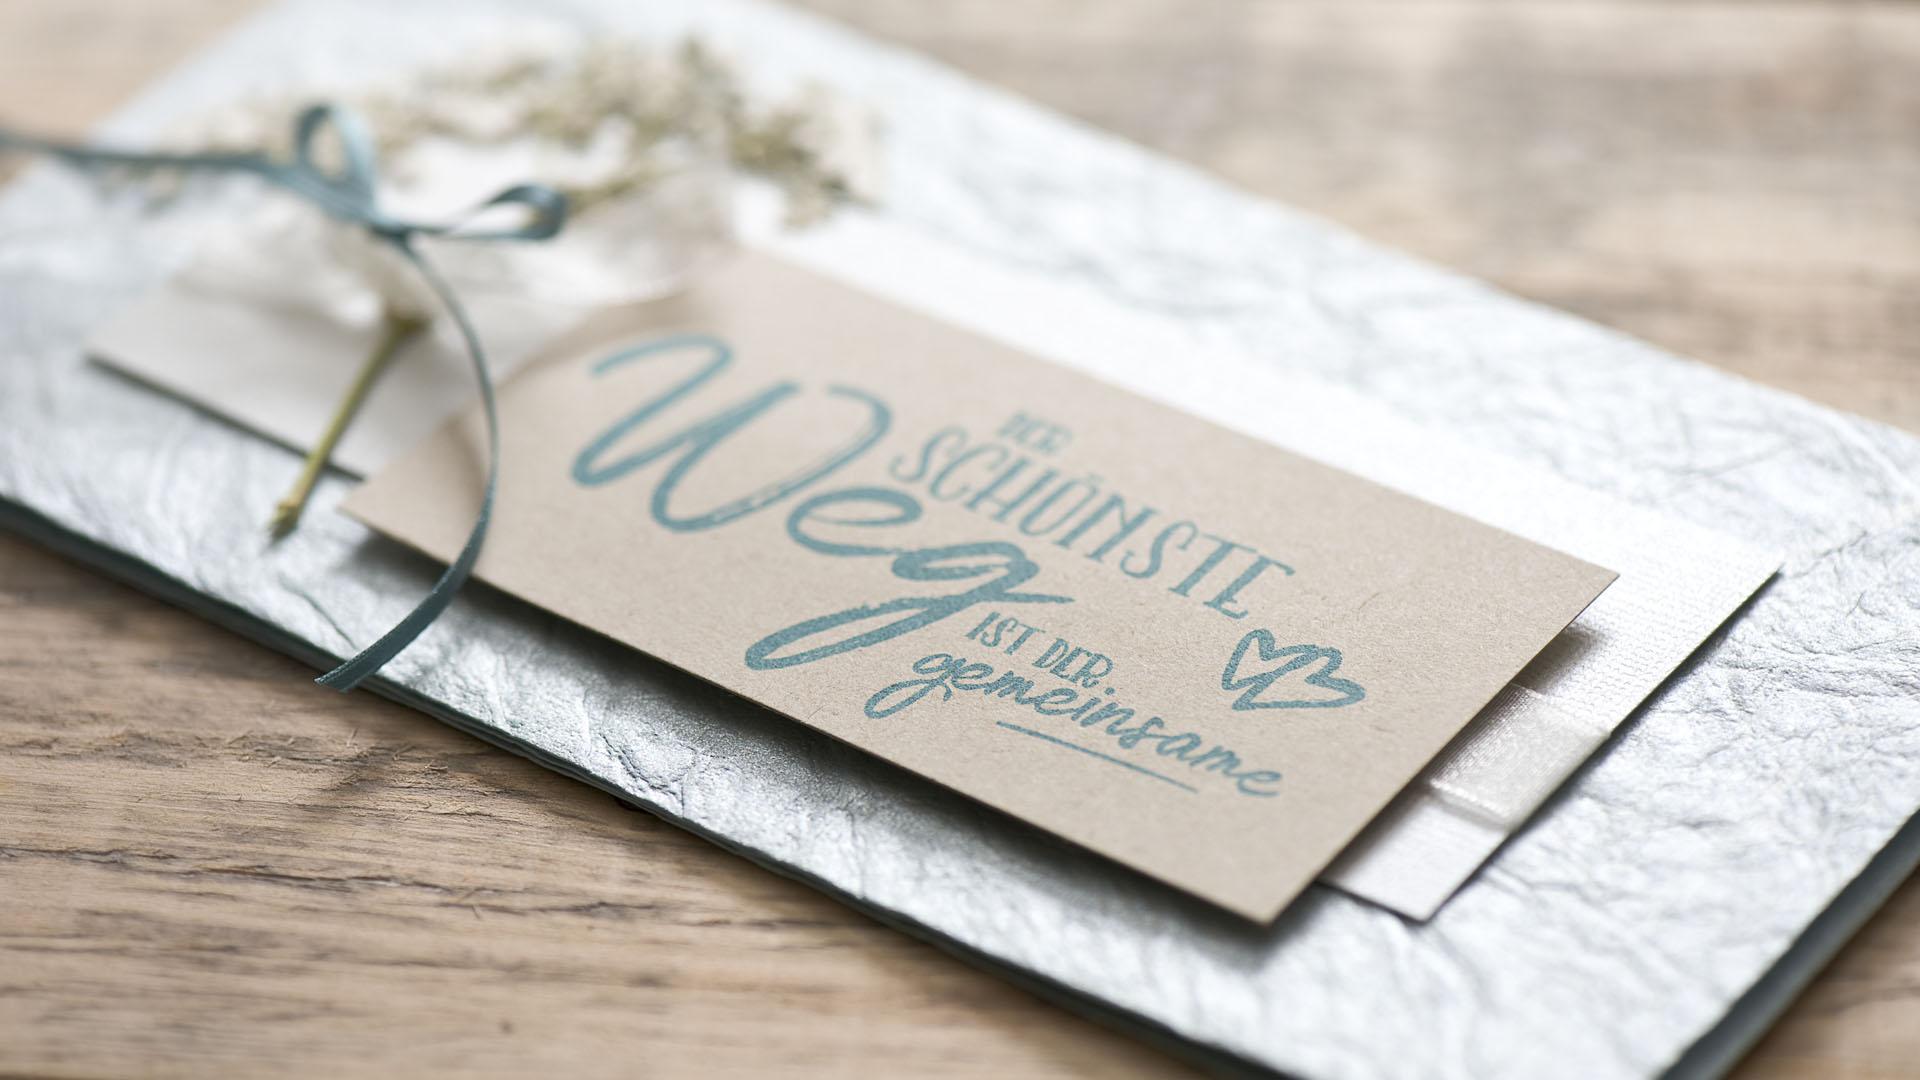 Ideen für Hochzeiten: Der schönste Weg ist der gemeinsame | Einladung und Glückwunschkarte